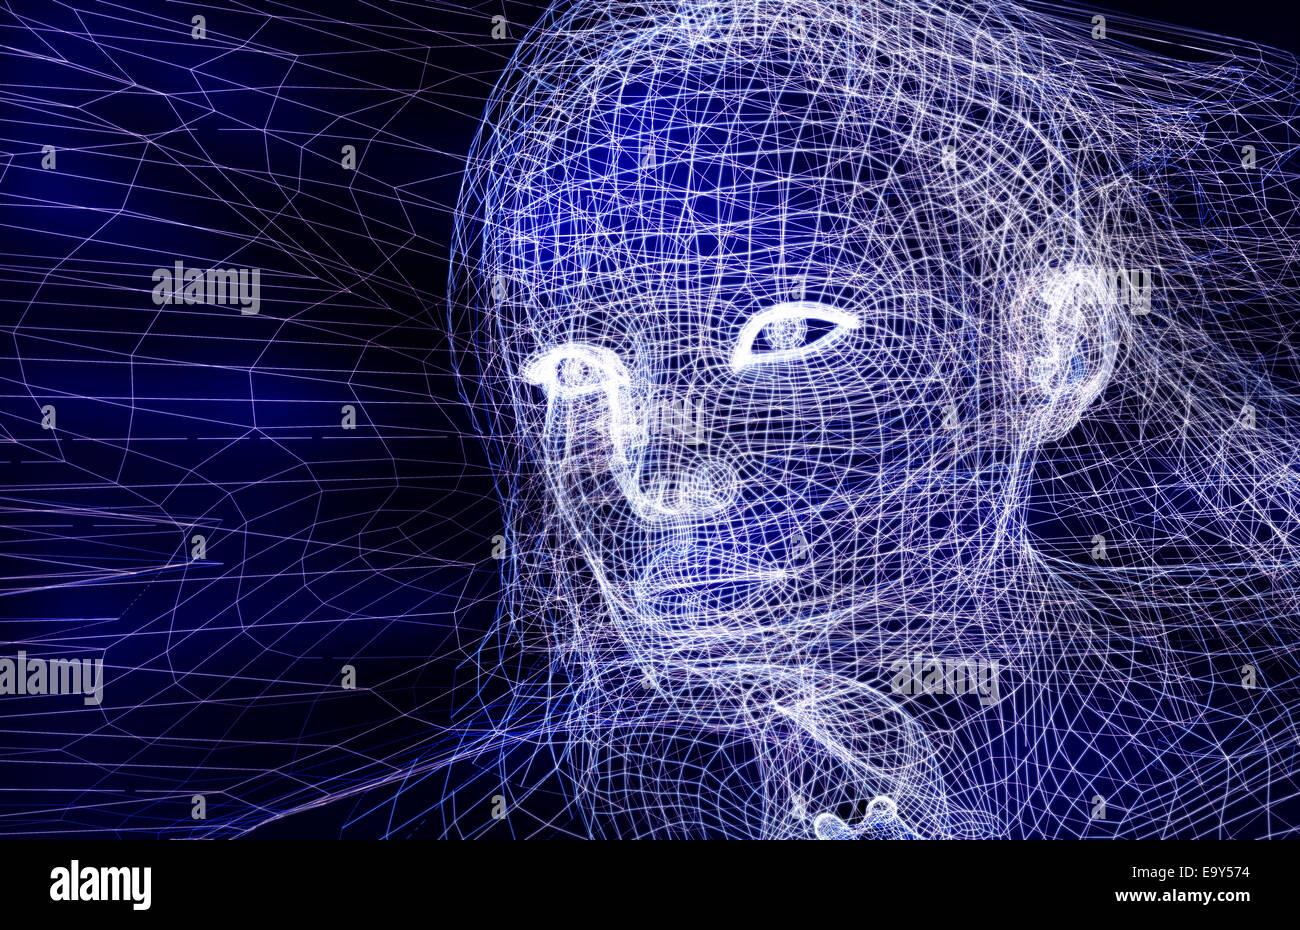 Donna digitale faccia wireframe conceptual 3D immagine su sfondo blu scuro Immagini Stock